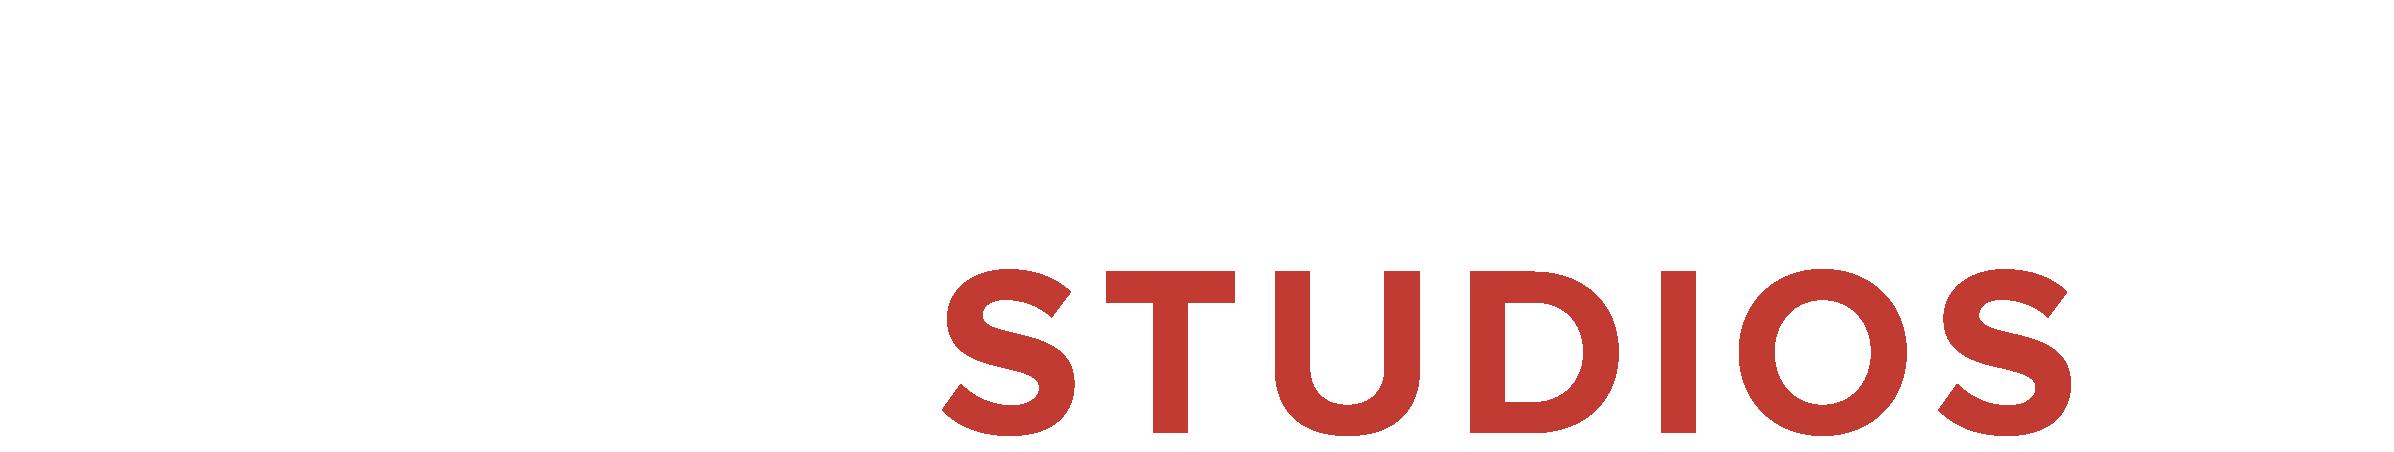 Goldstein Studios